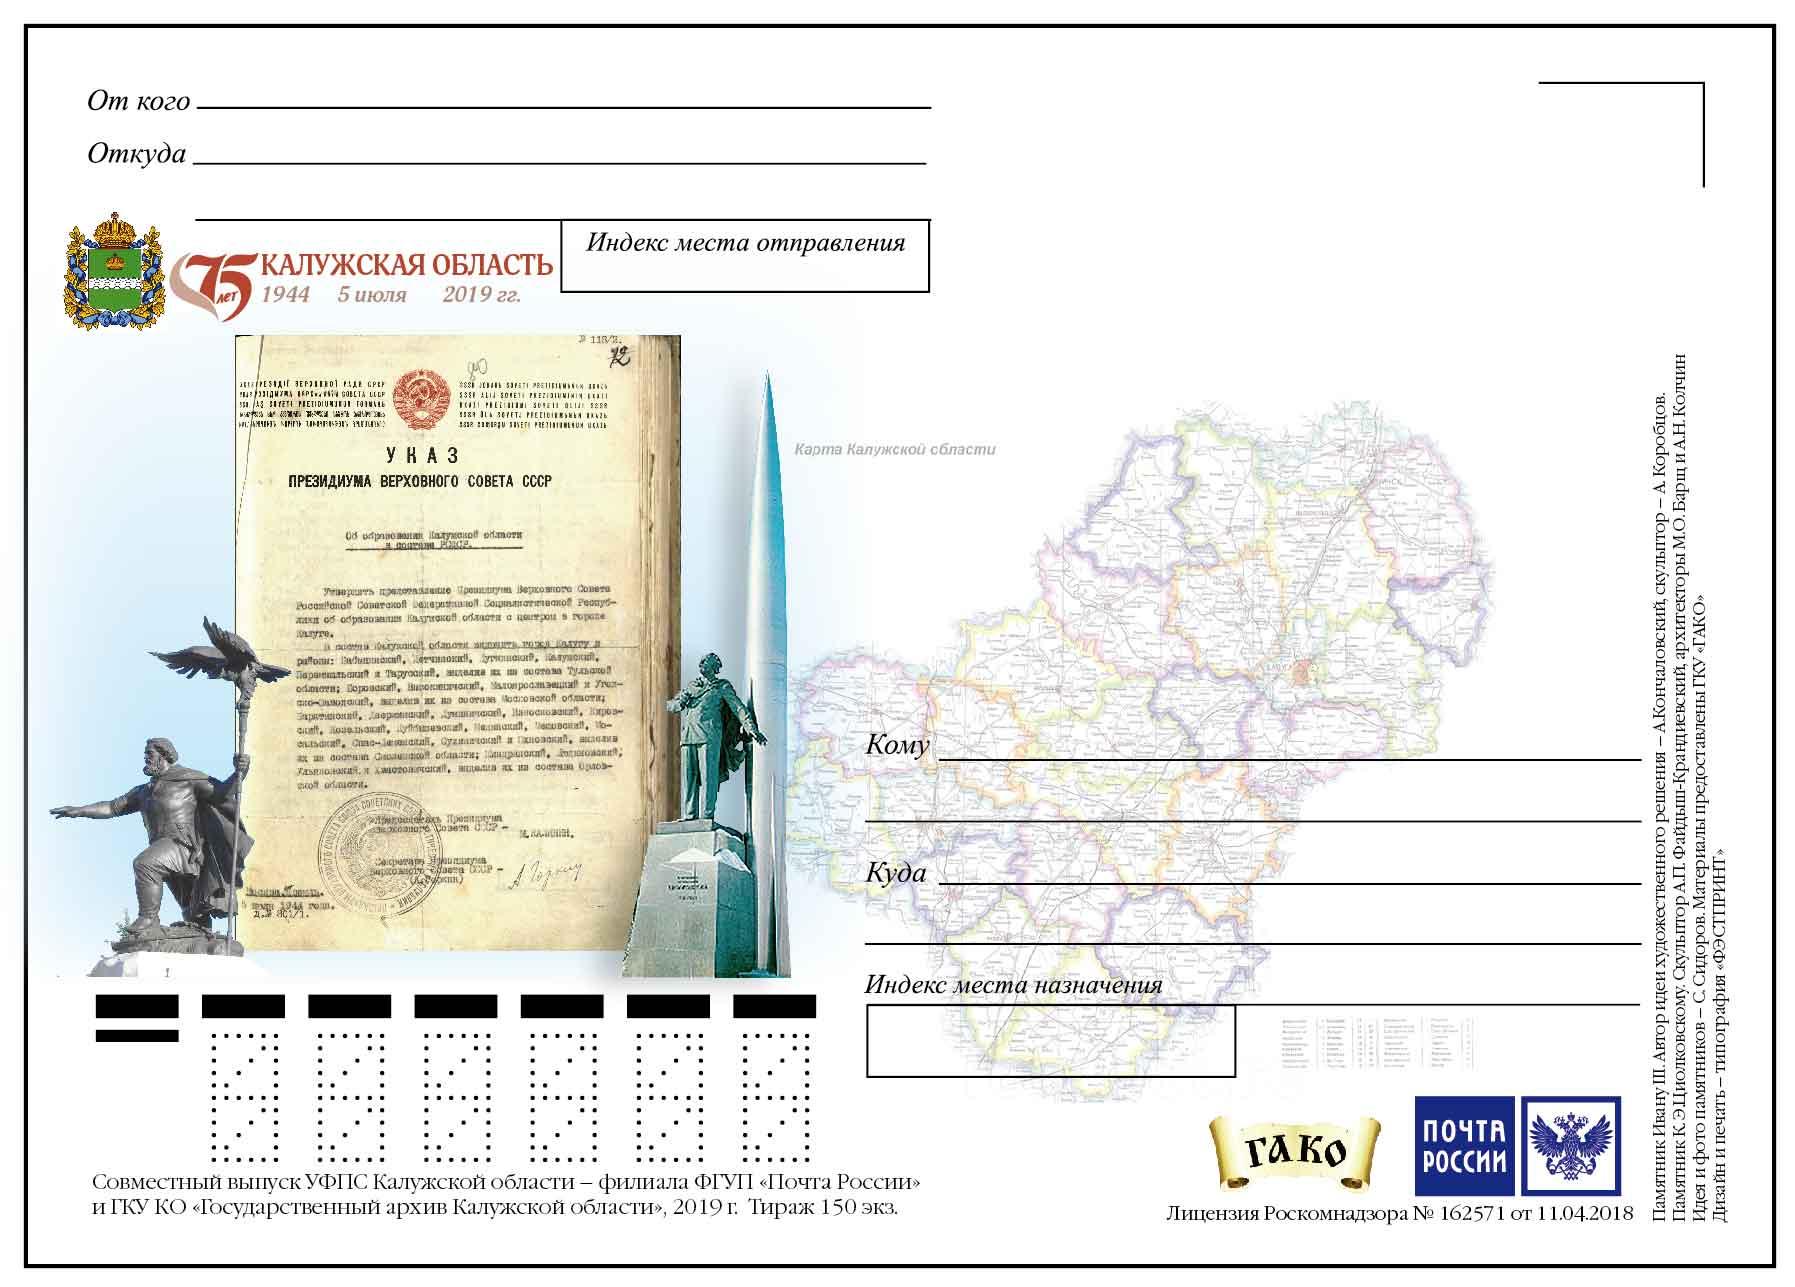 К 75-летию Калужской области выпущен уникальный почтовый штемпель